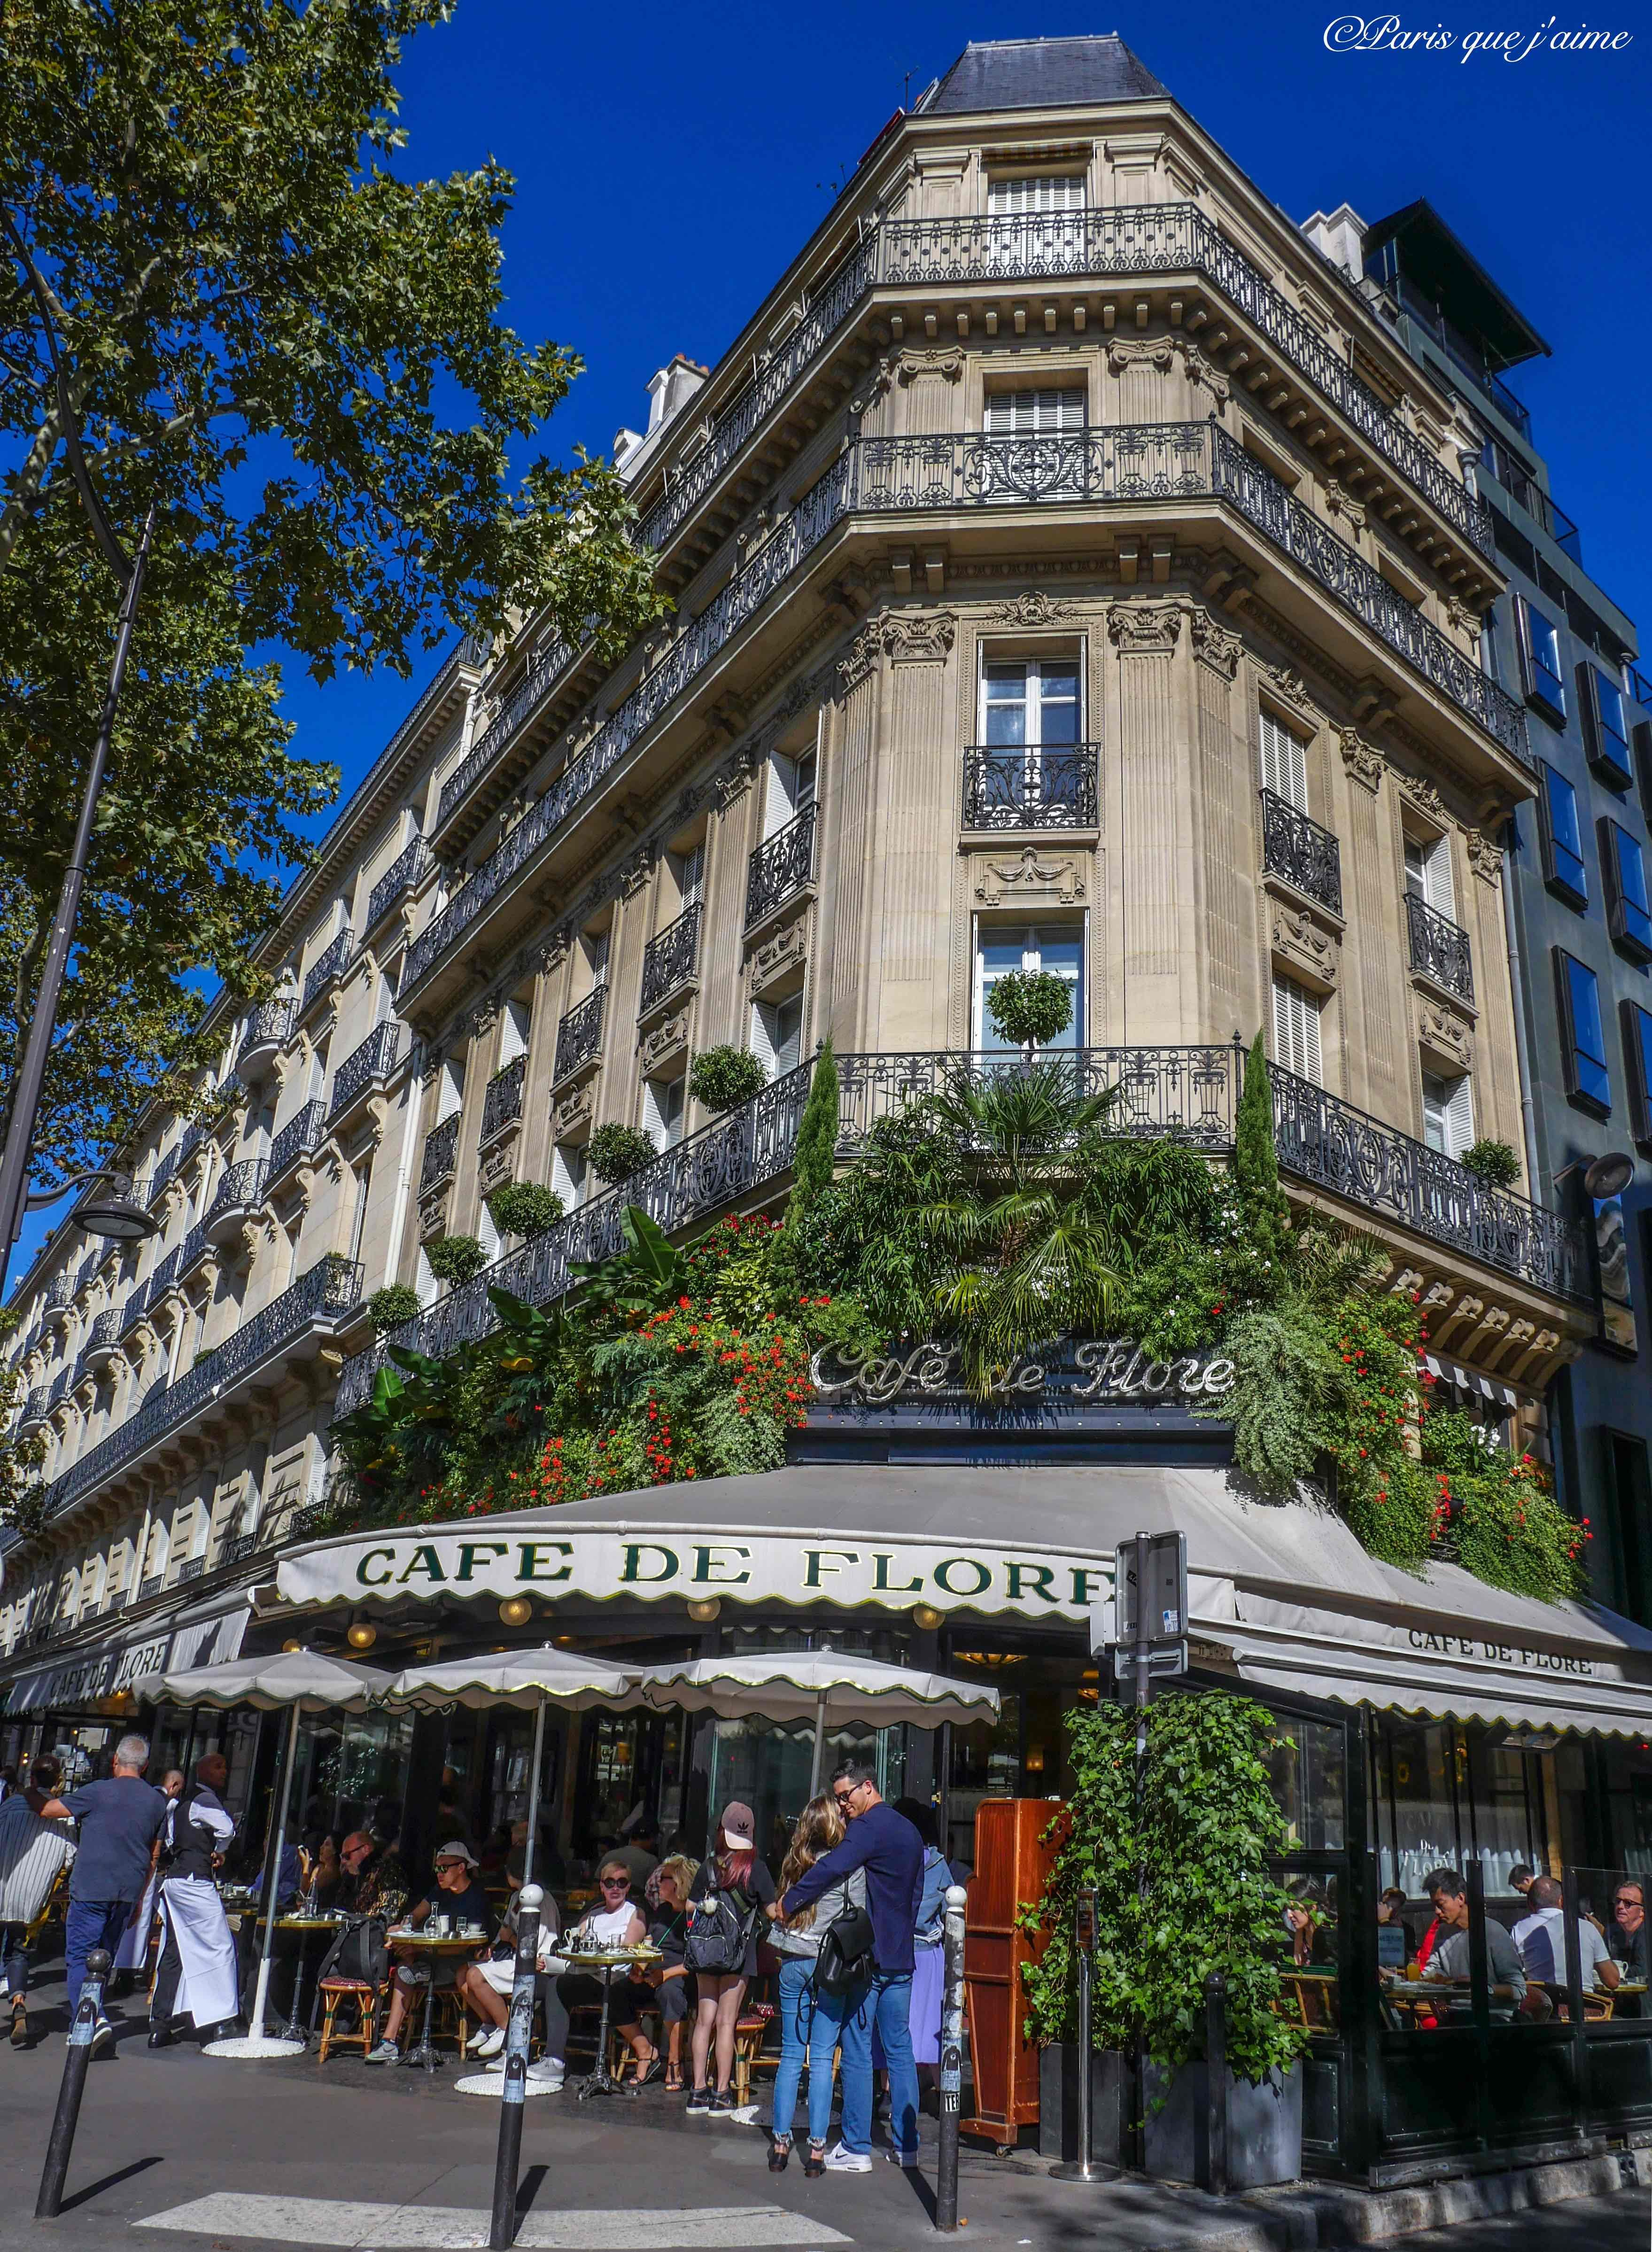 Cafe De Flore 172 Boulevard Saint Germain 75006 Paris Paris Visite Paris Paris Insolites